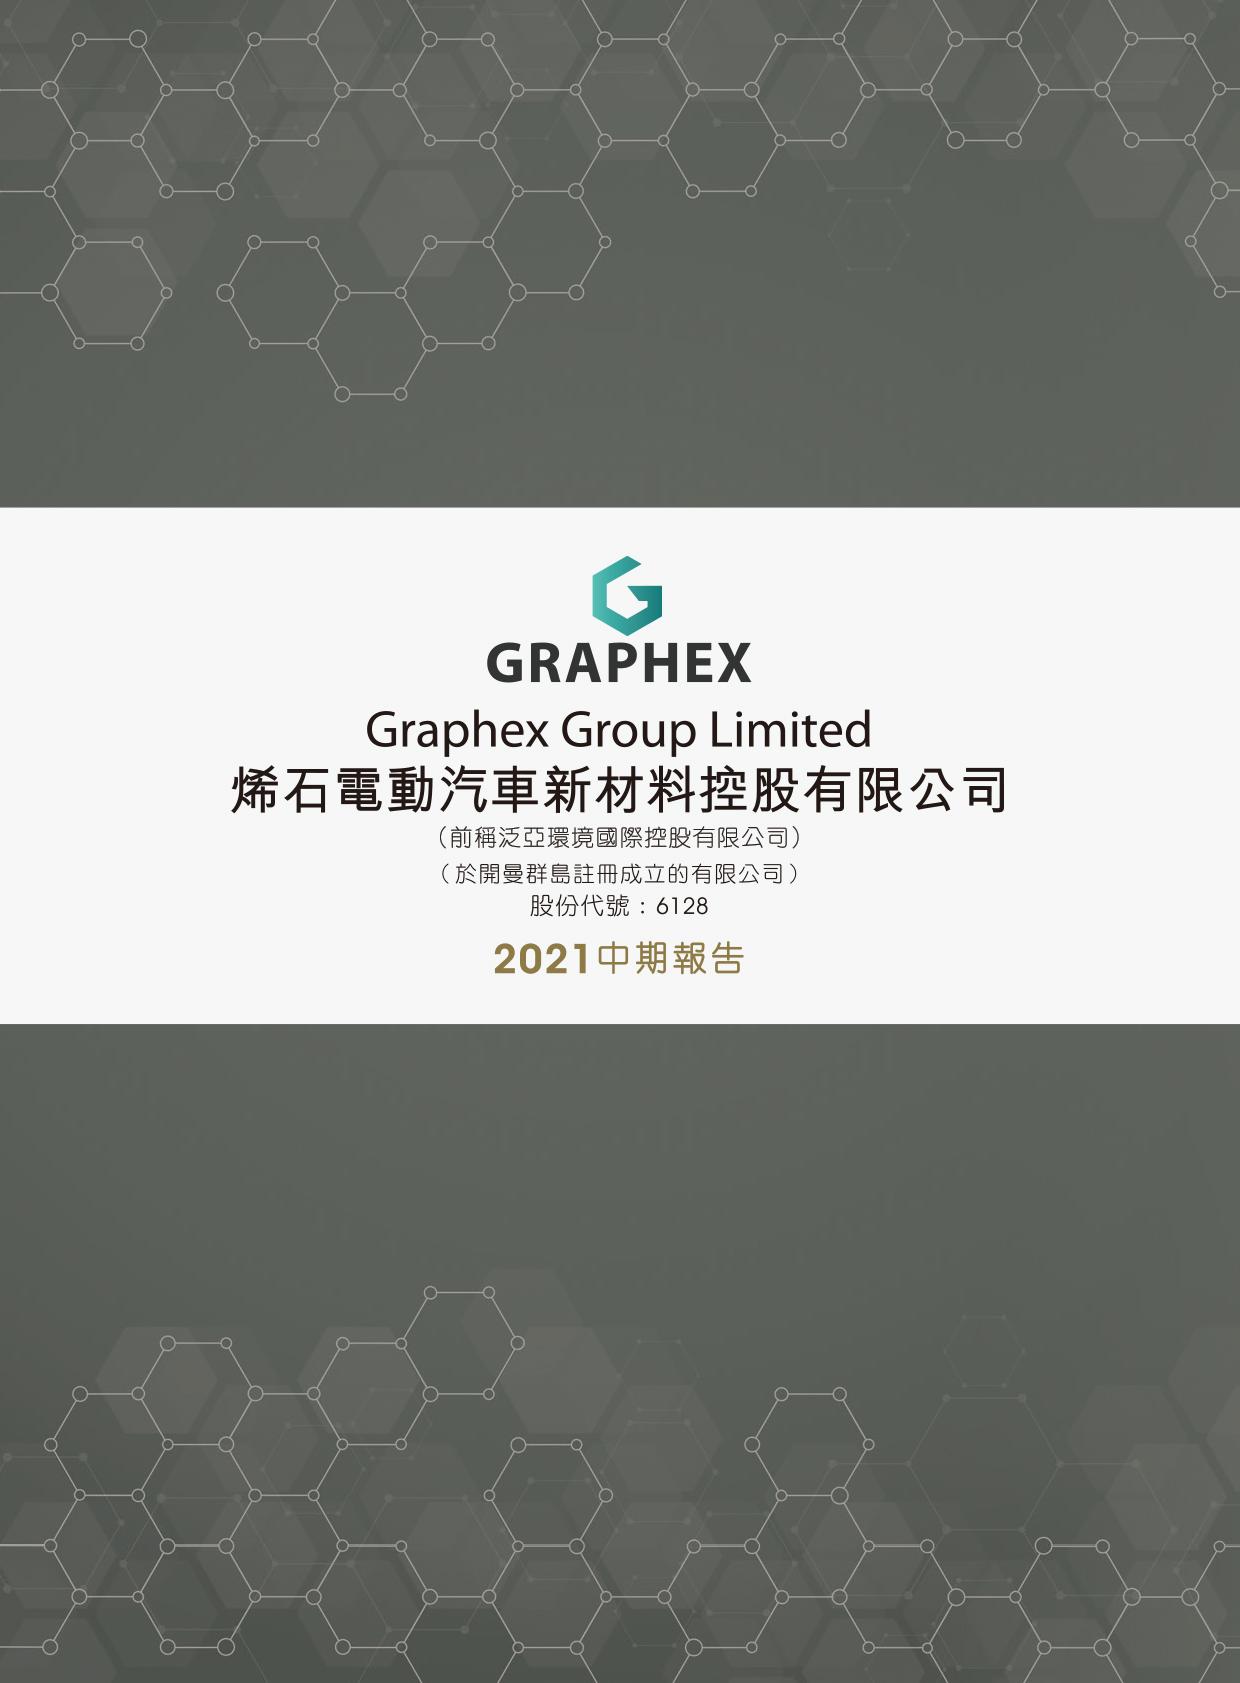 烯石電動汽車新材料控股有限公司